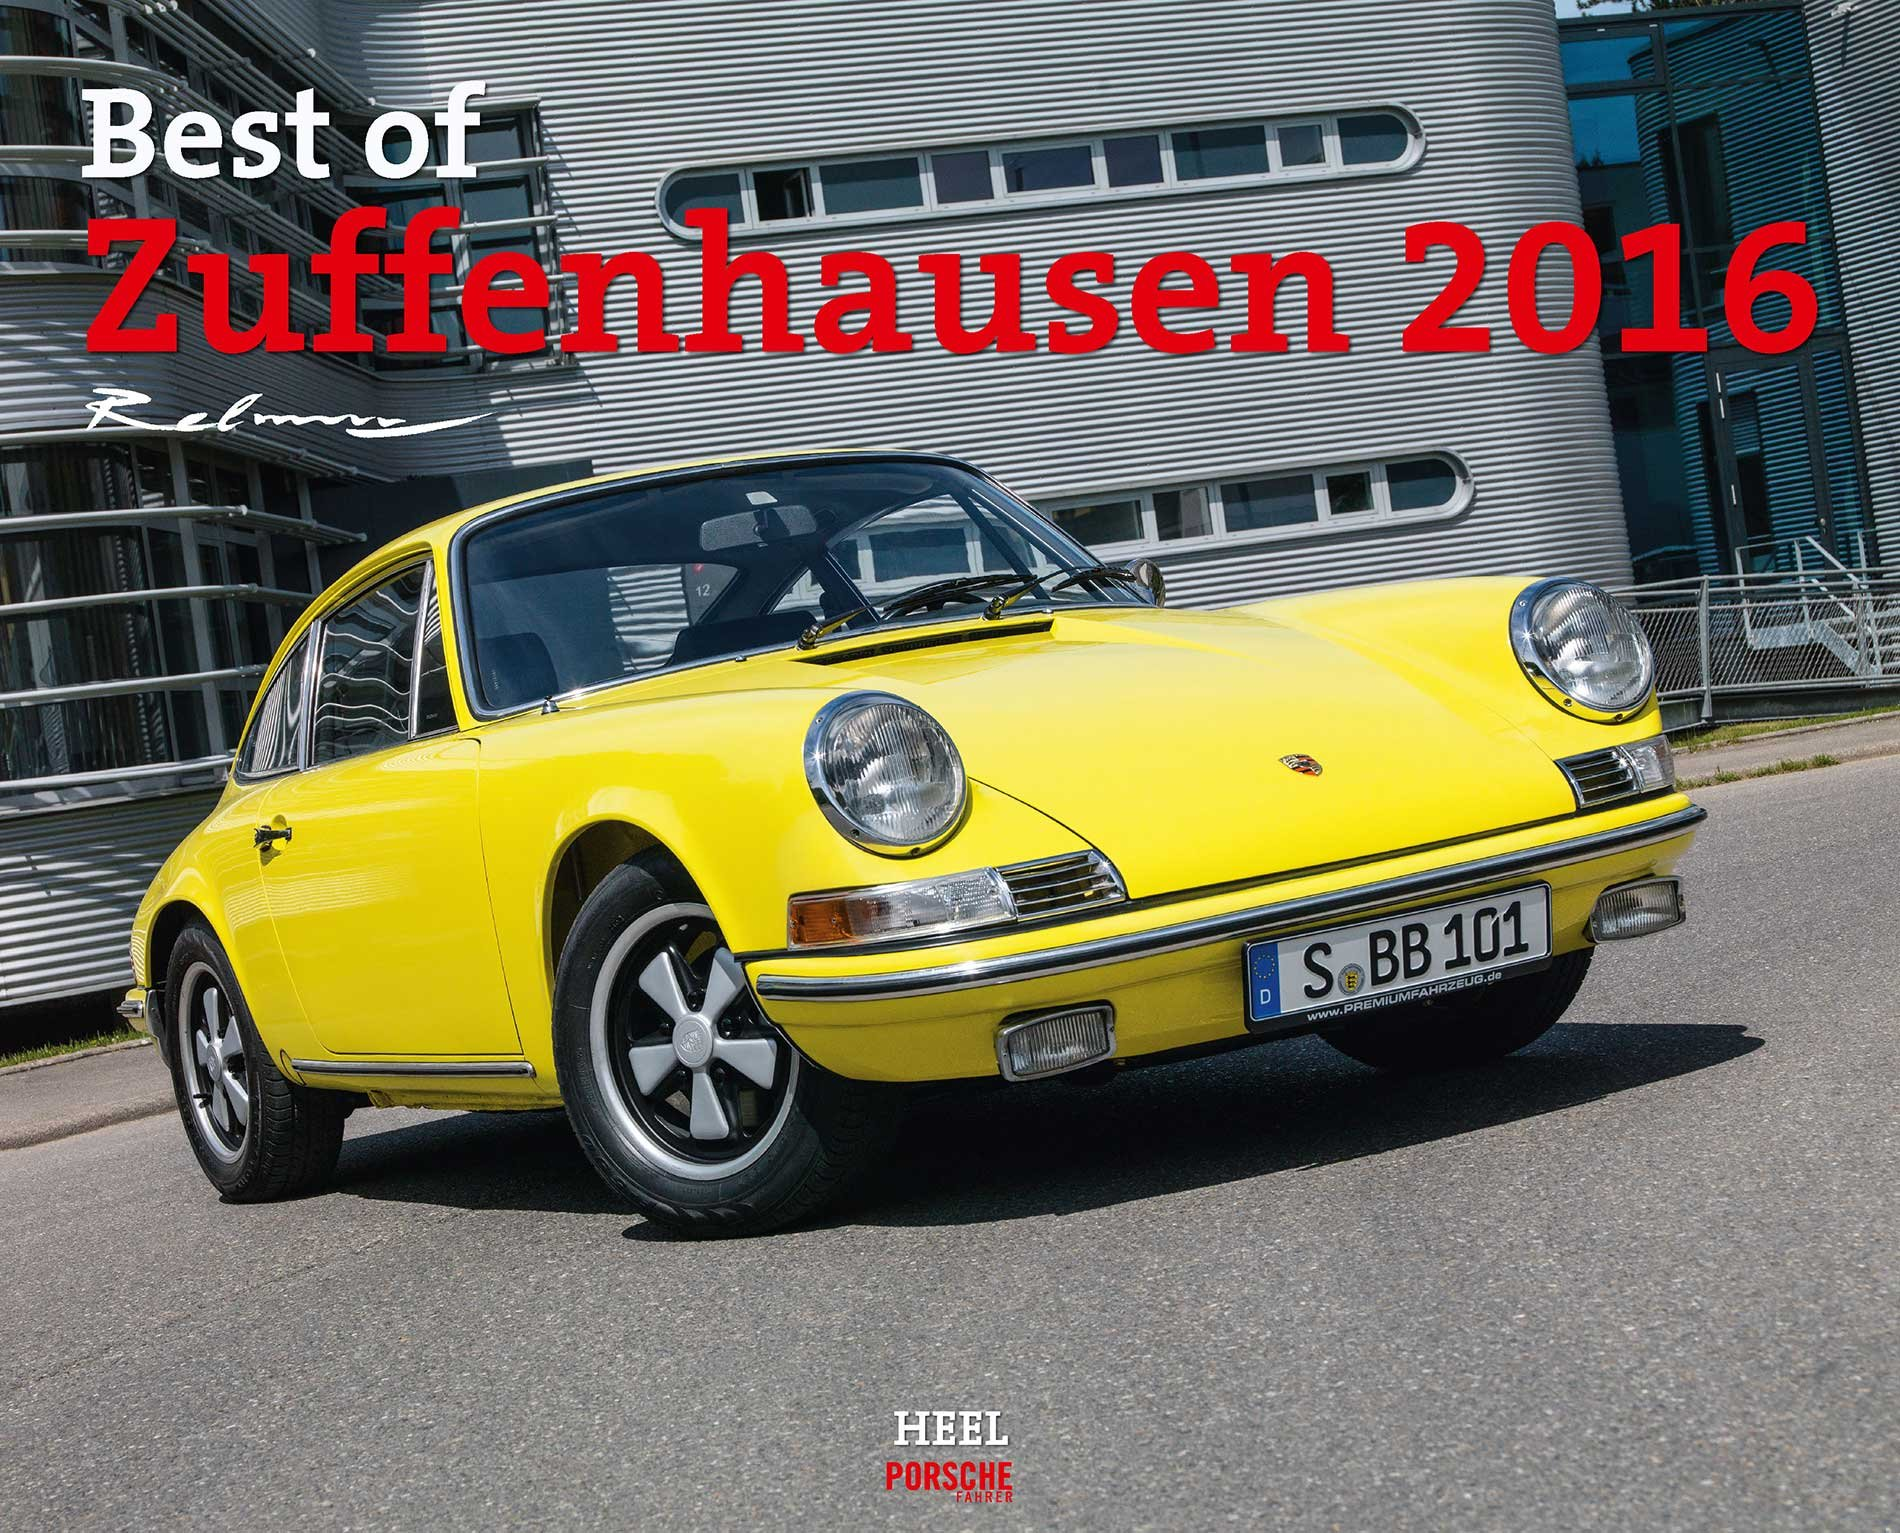 Best of Zuffenhausen 2016